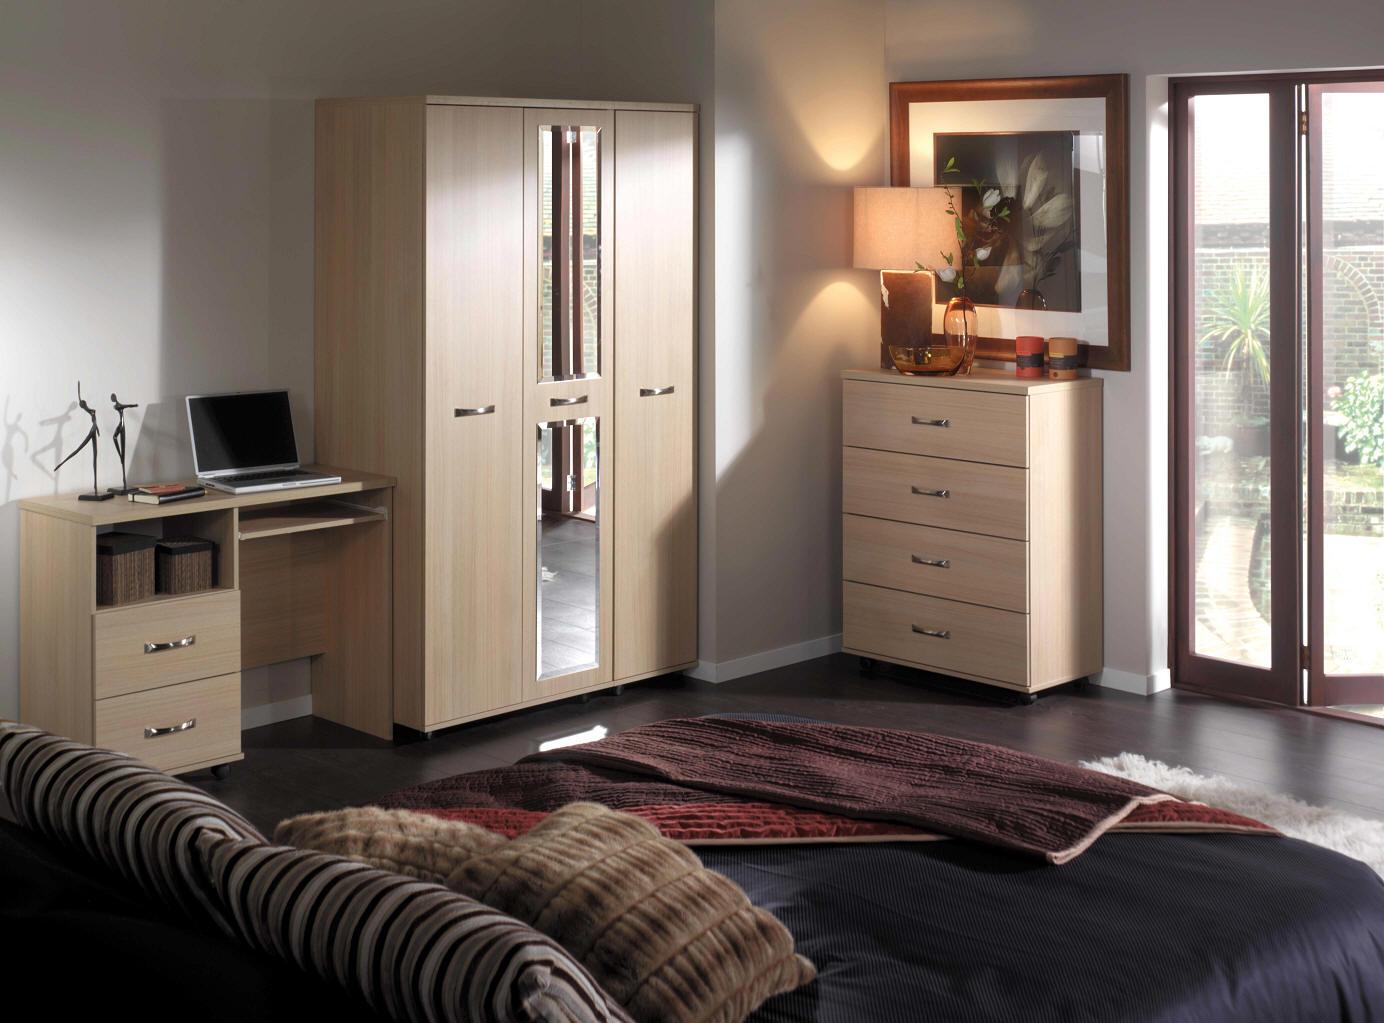 Cozy Bedroom Ideas: July 2012